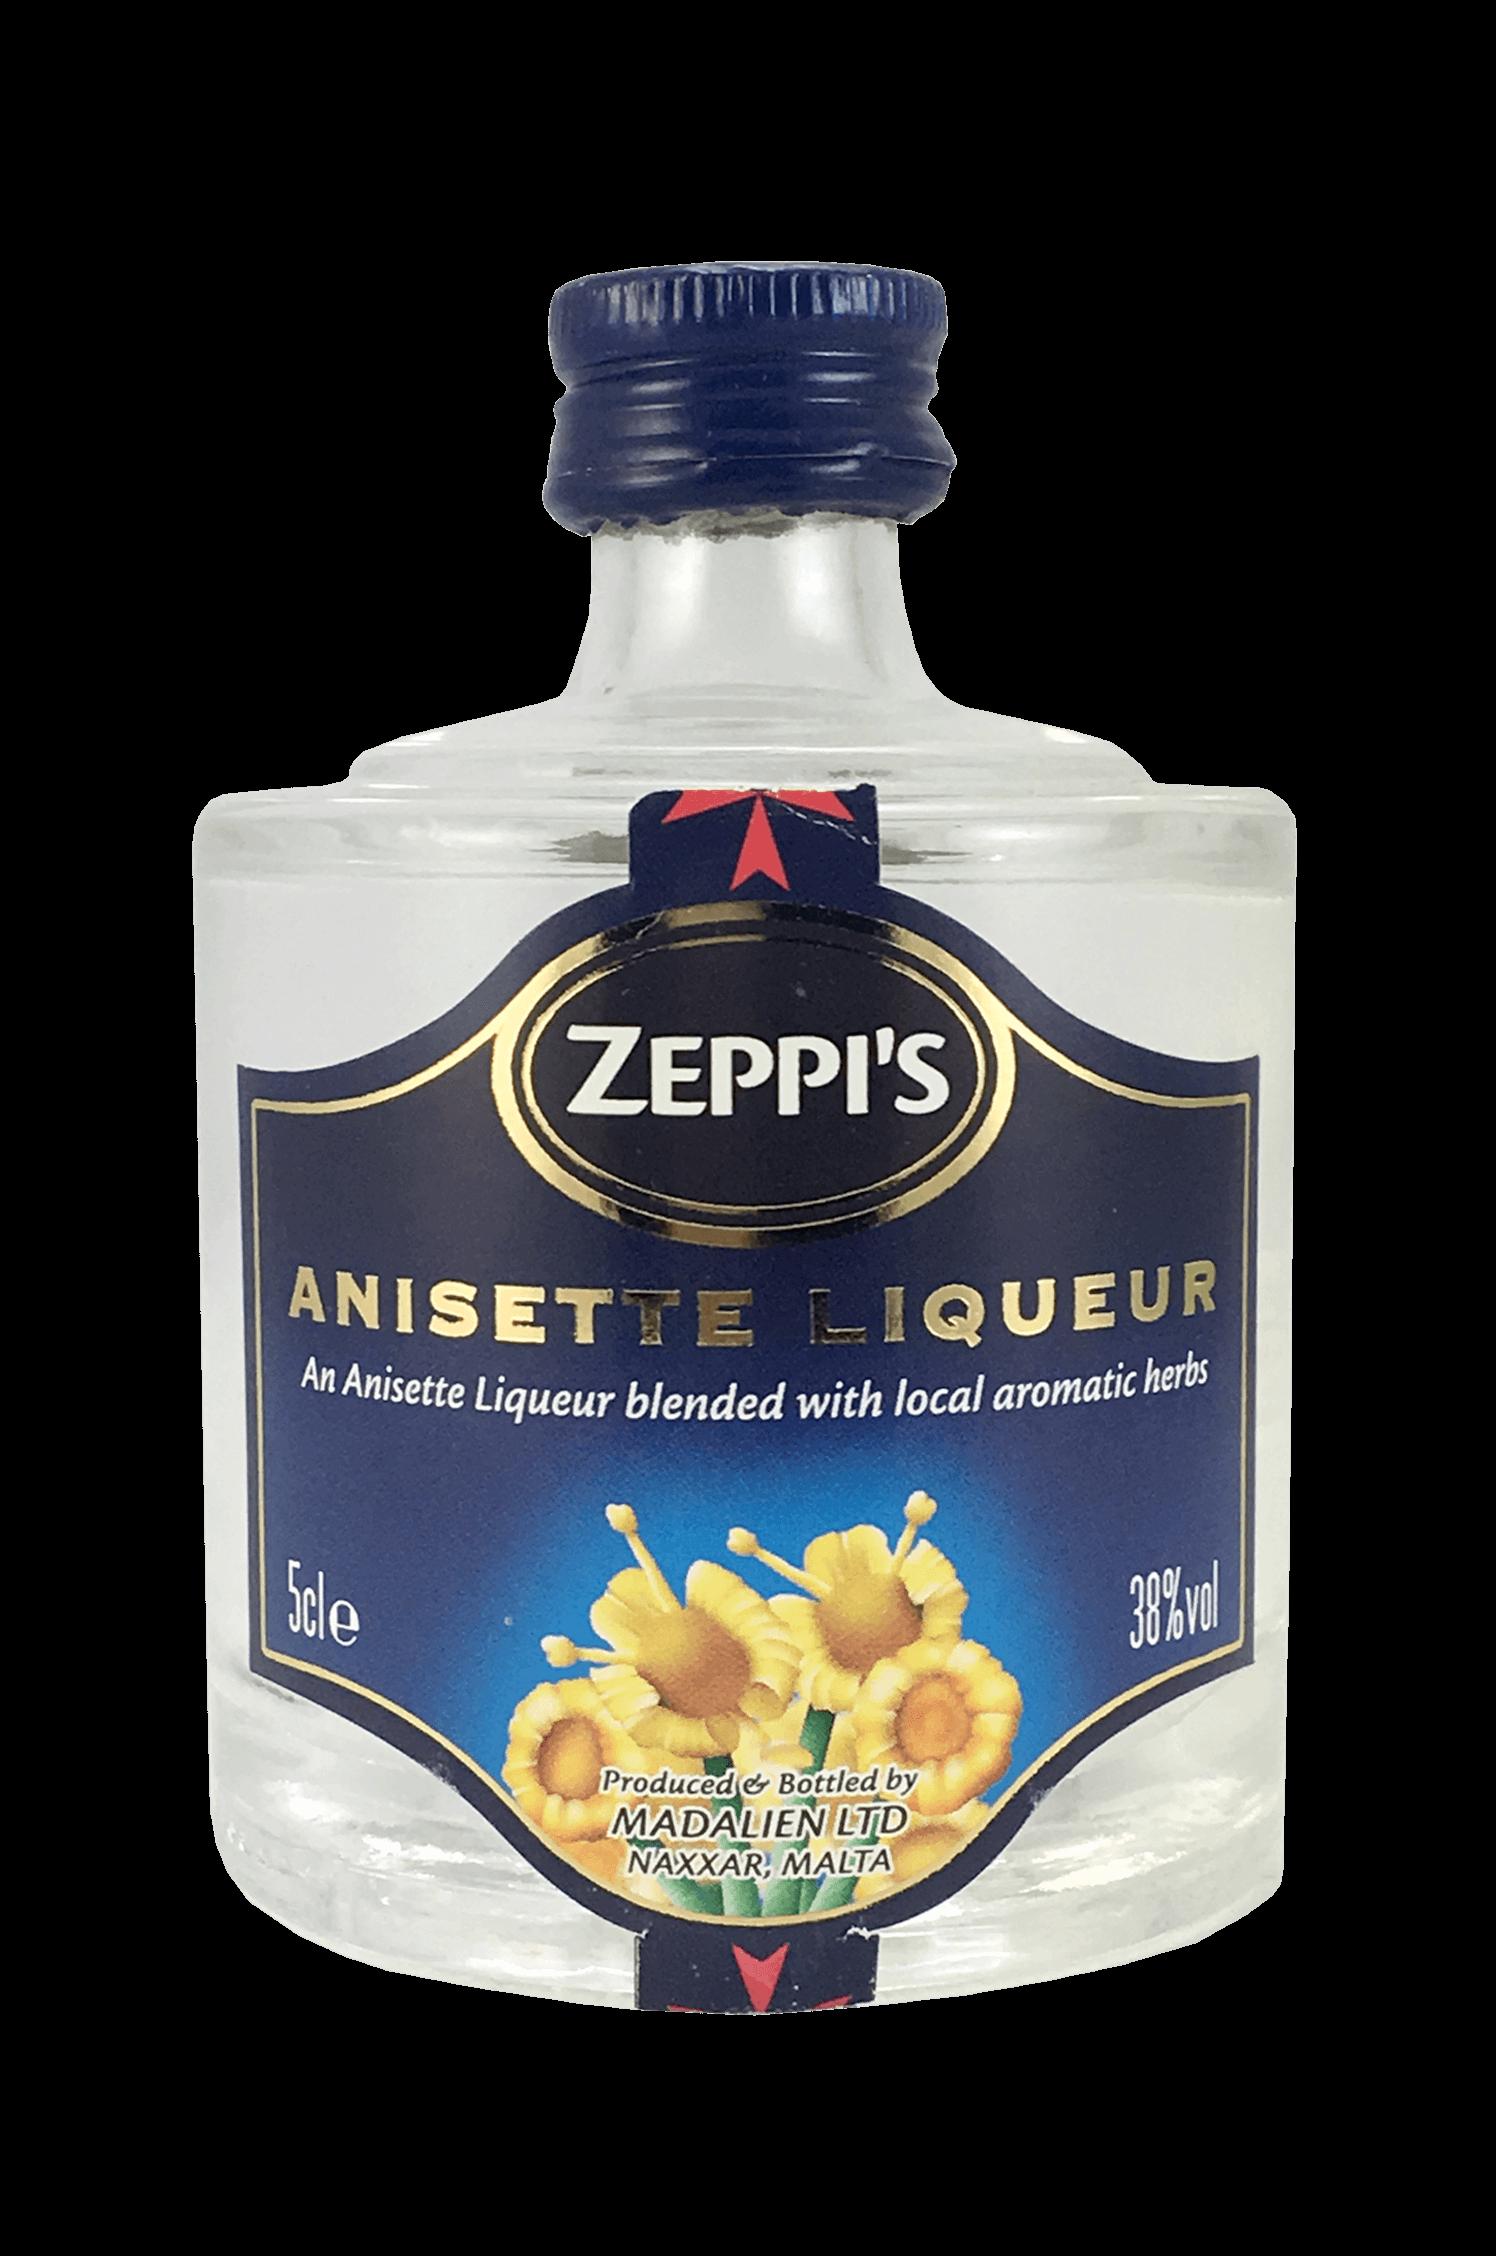 Zeppi's Anisette Liqueur